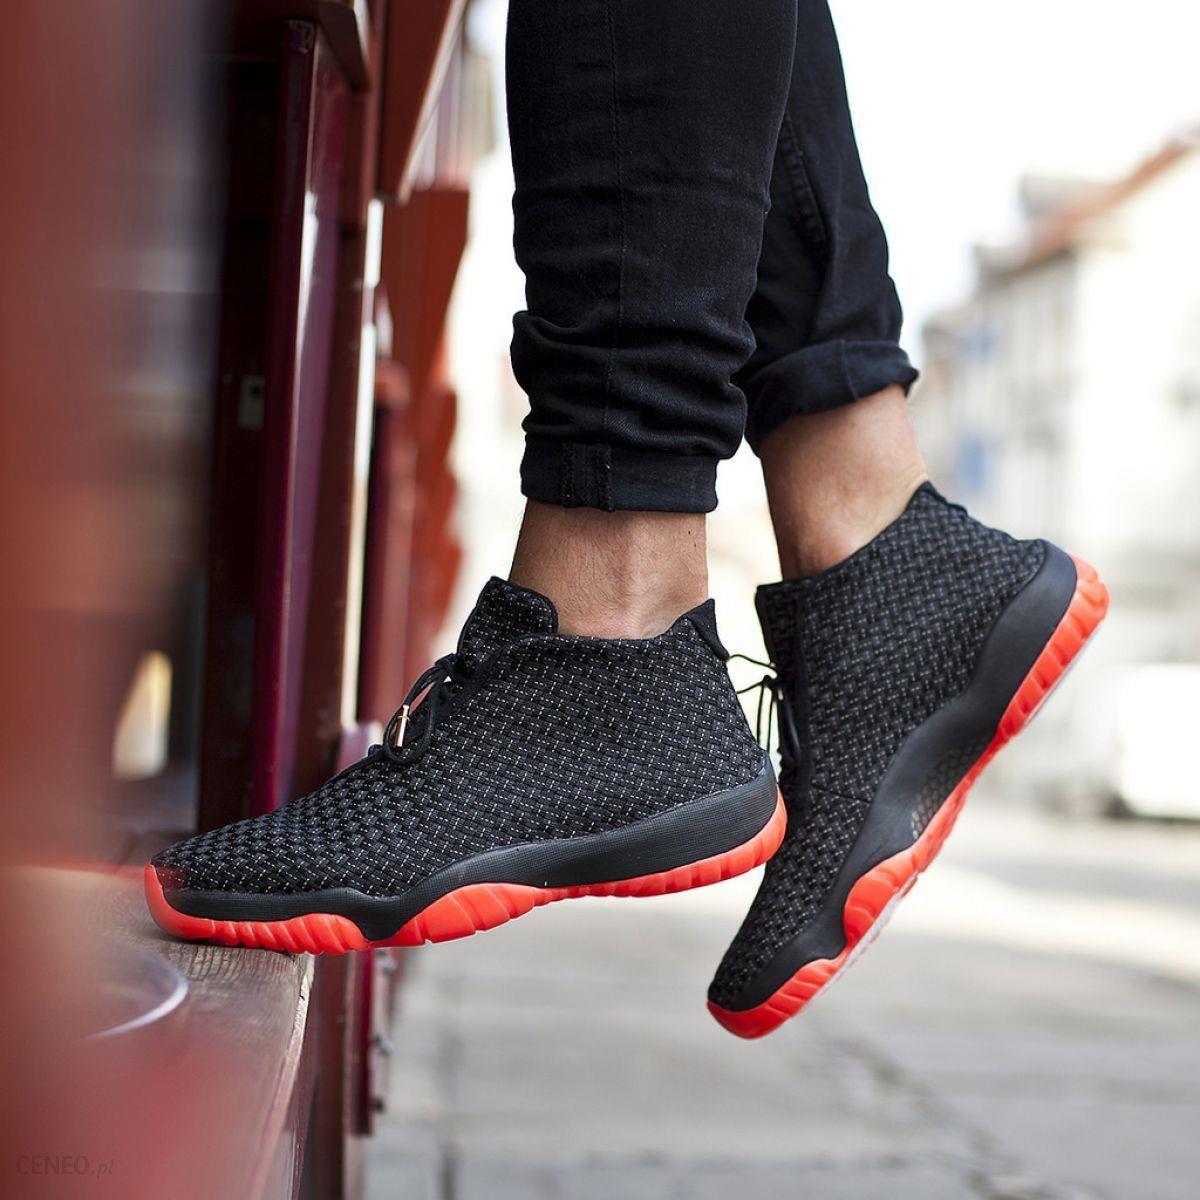 Buty NIKE Air Jordan Future Premium 652141 023 BlackBlack